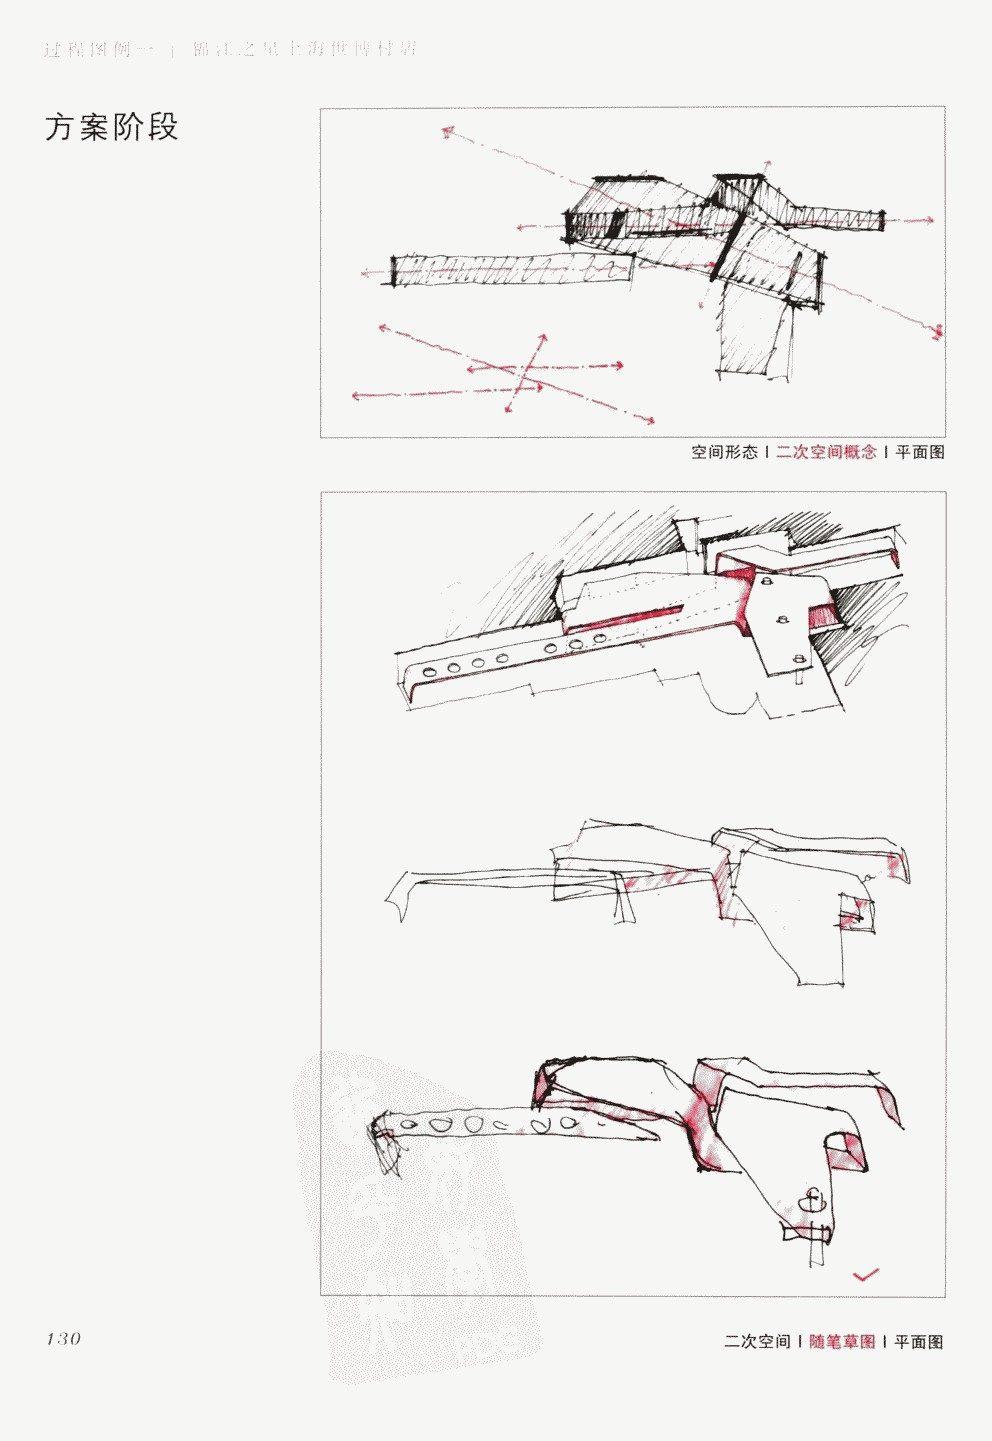 室内设计纲要++概念思考与过程表达_室内设计纲要  概念思考与过程表达_1297982..._页面_138.jpg